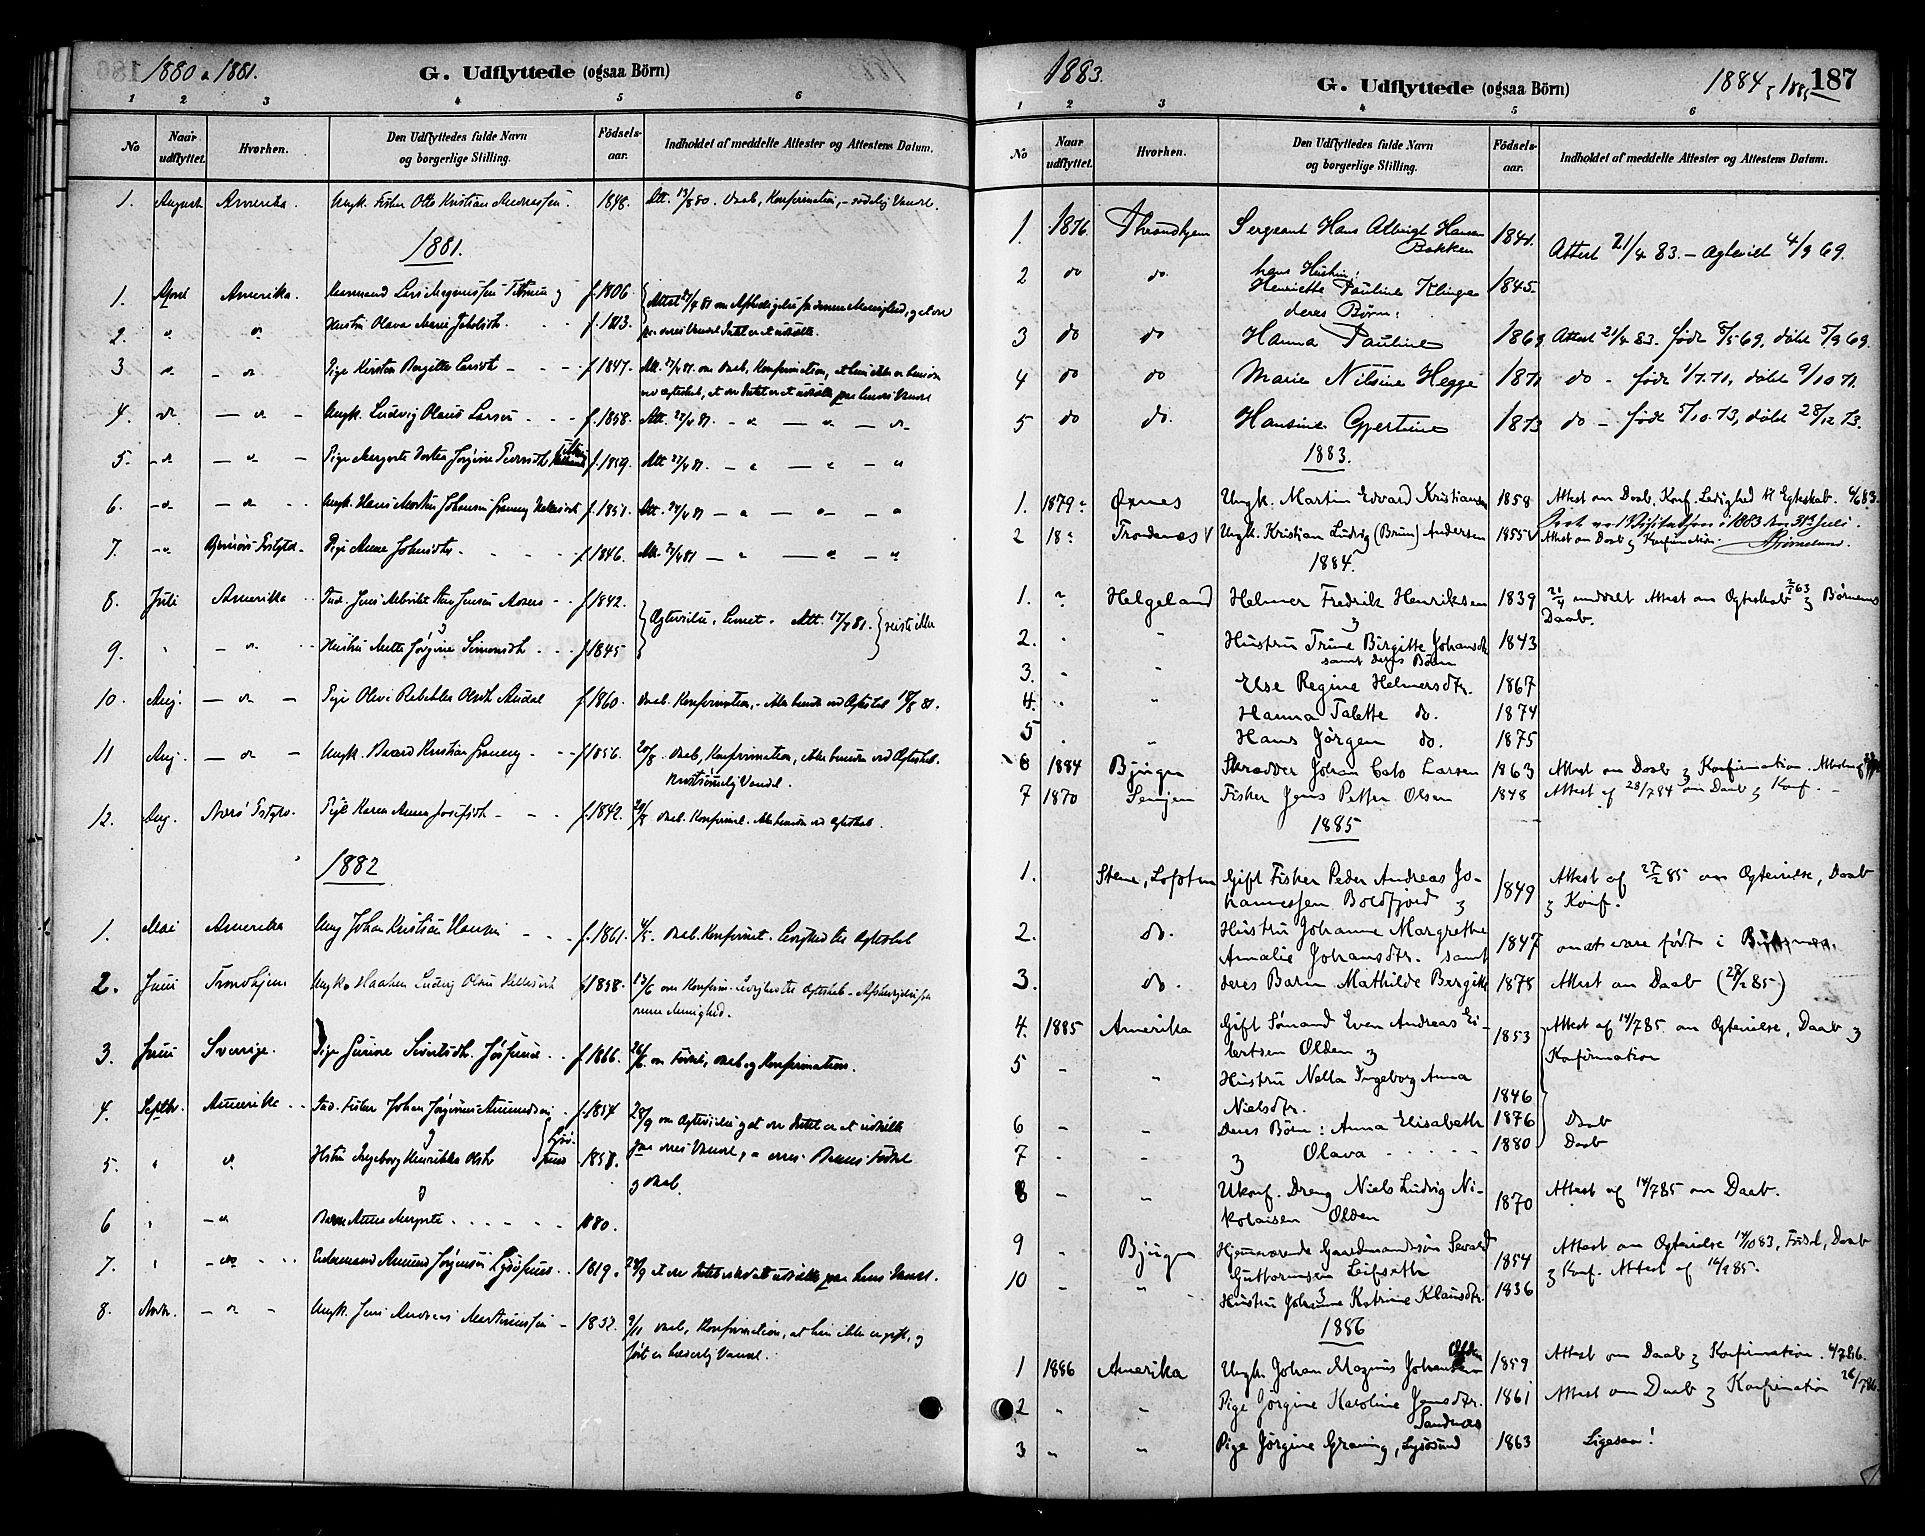 SAT, Ministerialprotokoller, klokkerbøker og fødselsregistre - Sør-Trøndelag, 654/L0663: Ministerialbok nr. 654A01, 1880-1894, s. 187